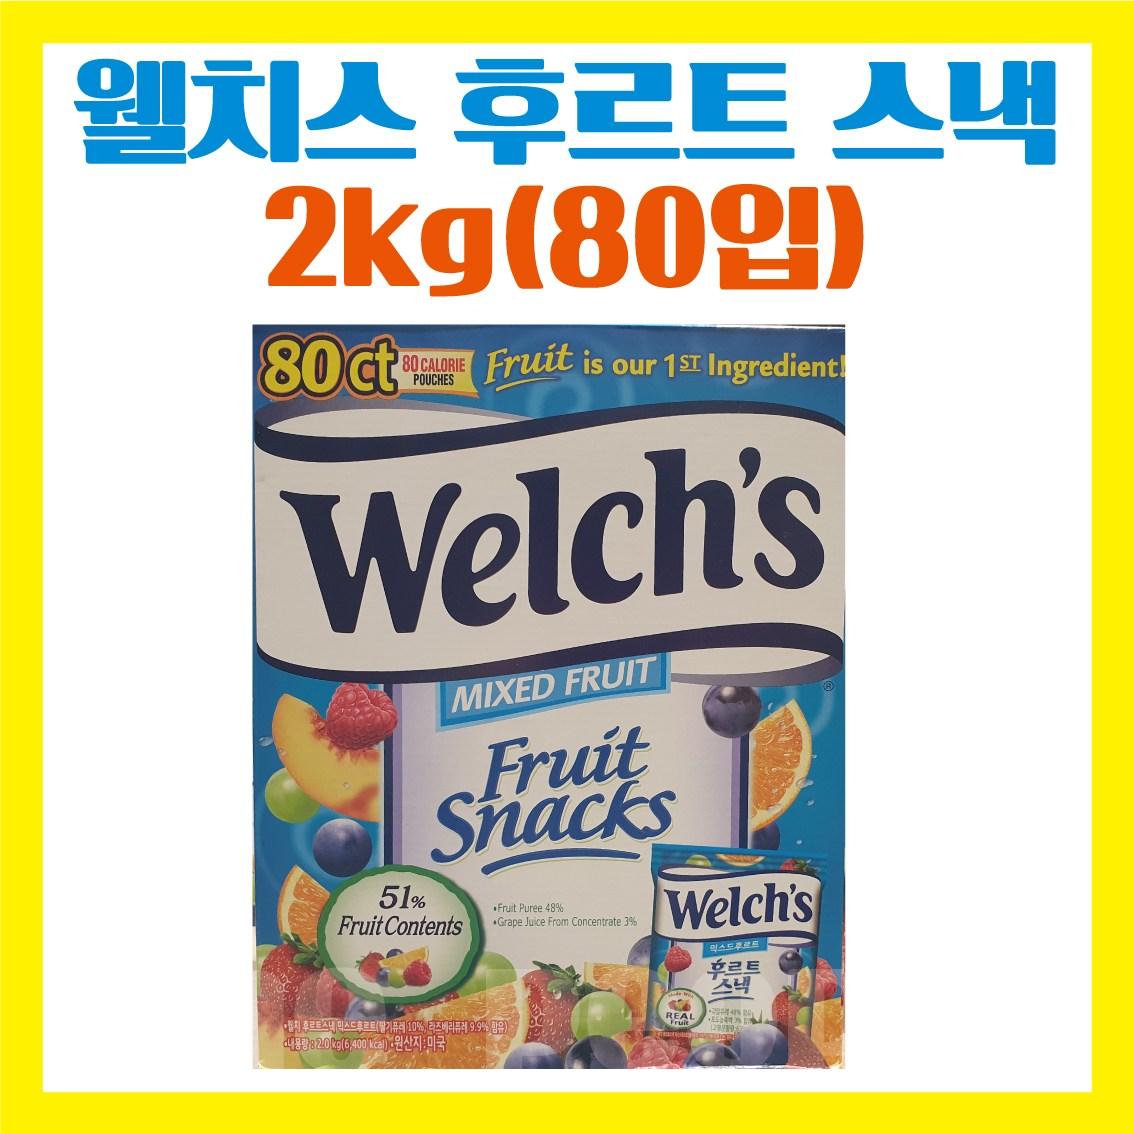 웰치스 후르트 스낵 2kg(80개입) 과일젤리 휴대용간식 하리보 츄잉젤리, 1box